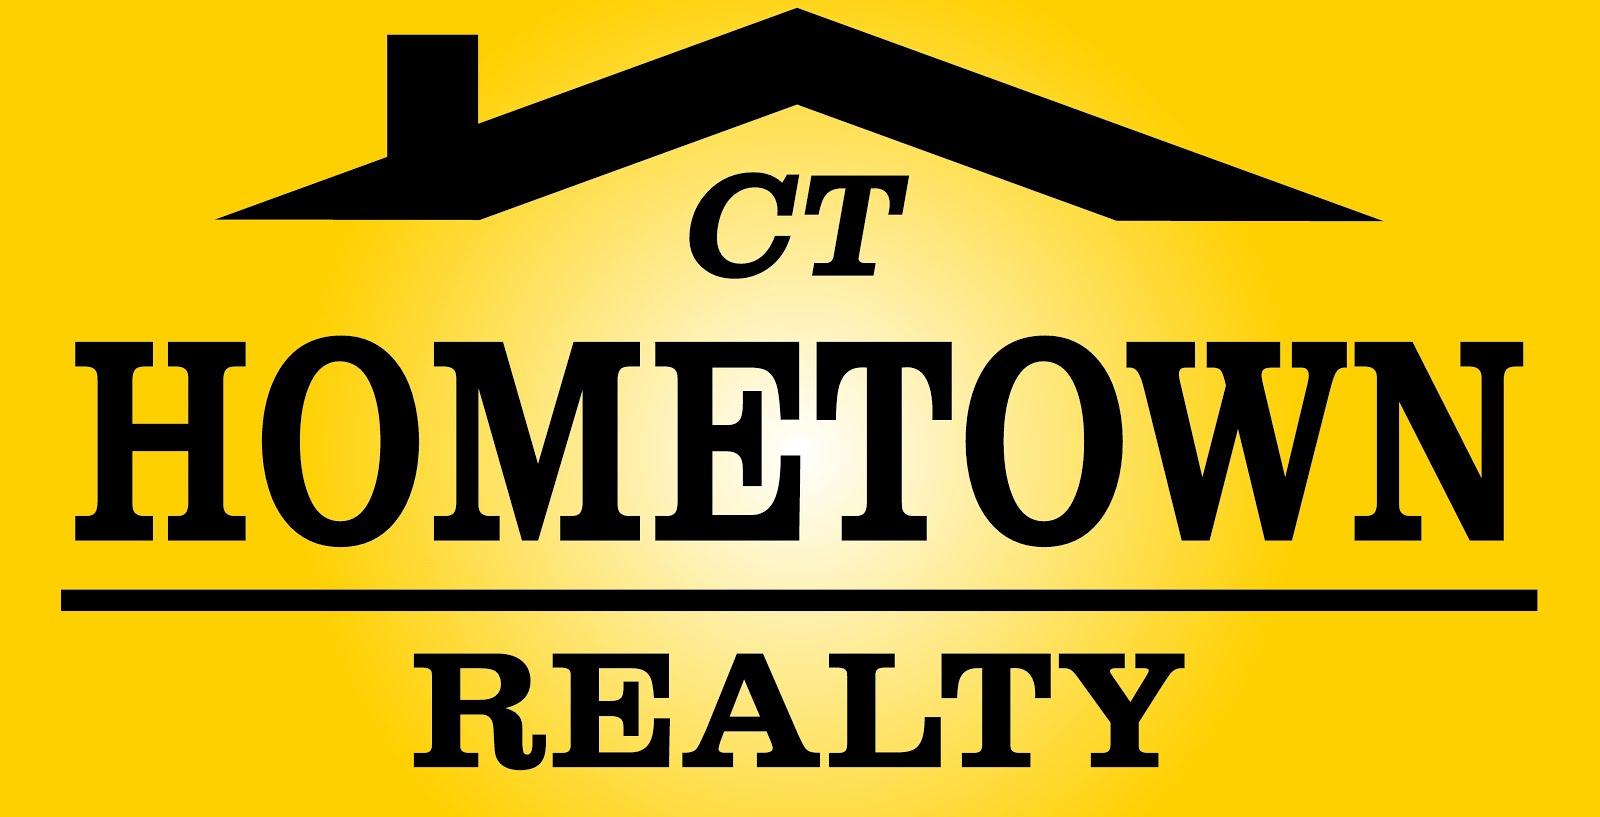 Your Hometown Expert!